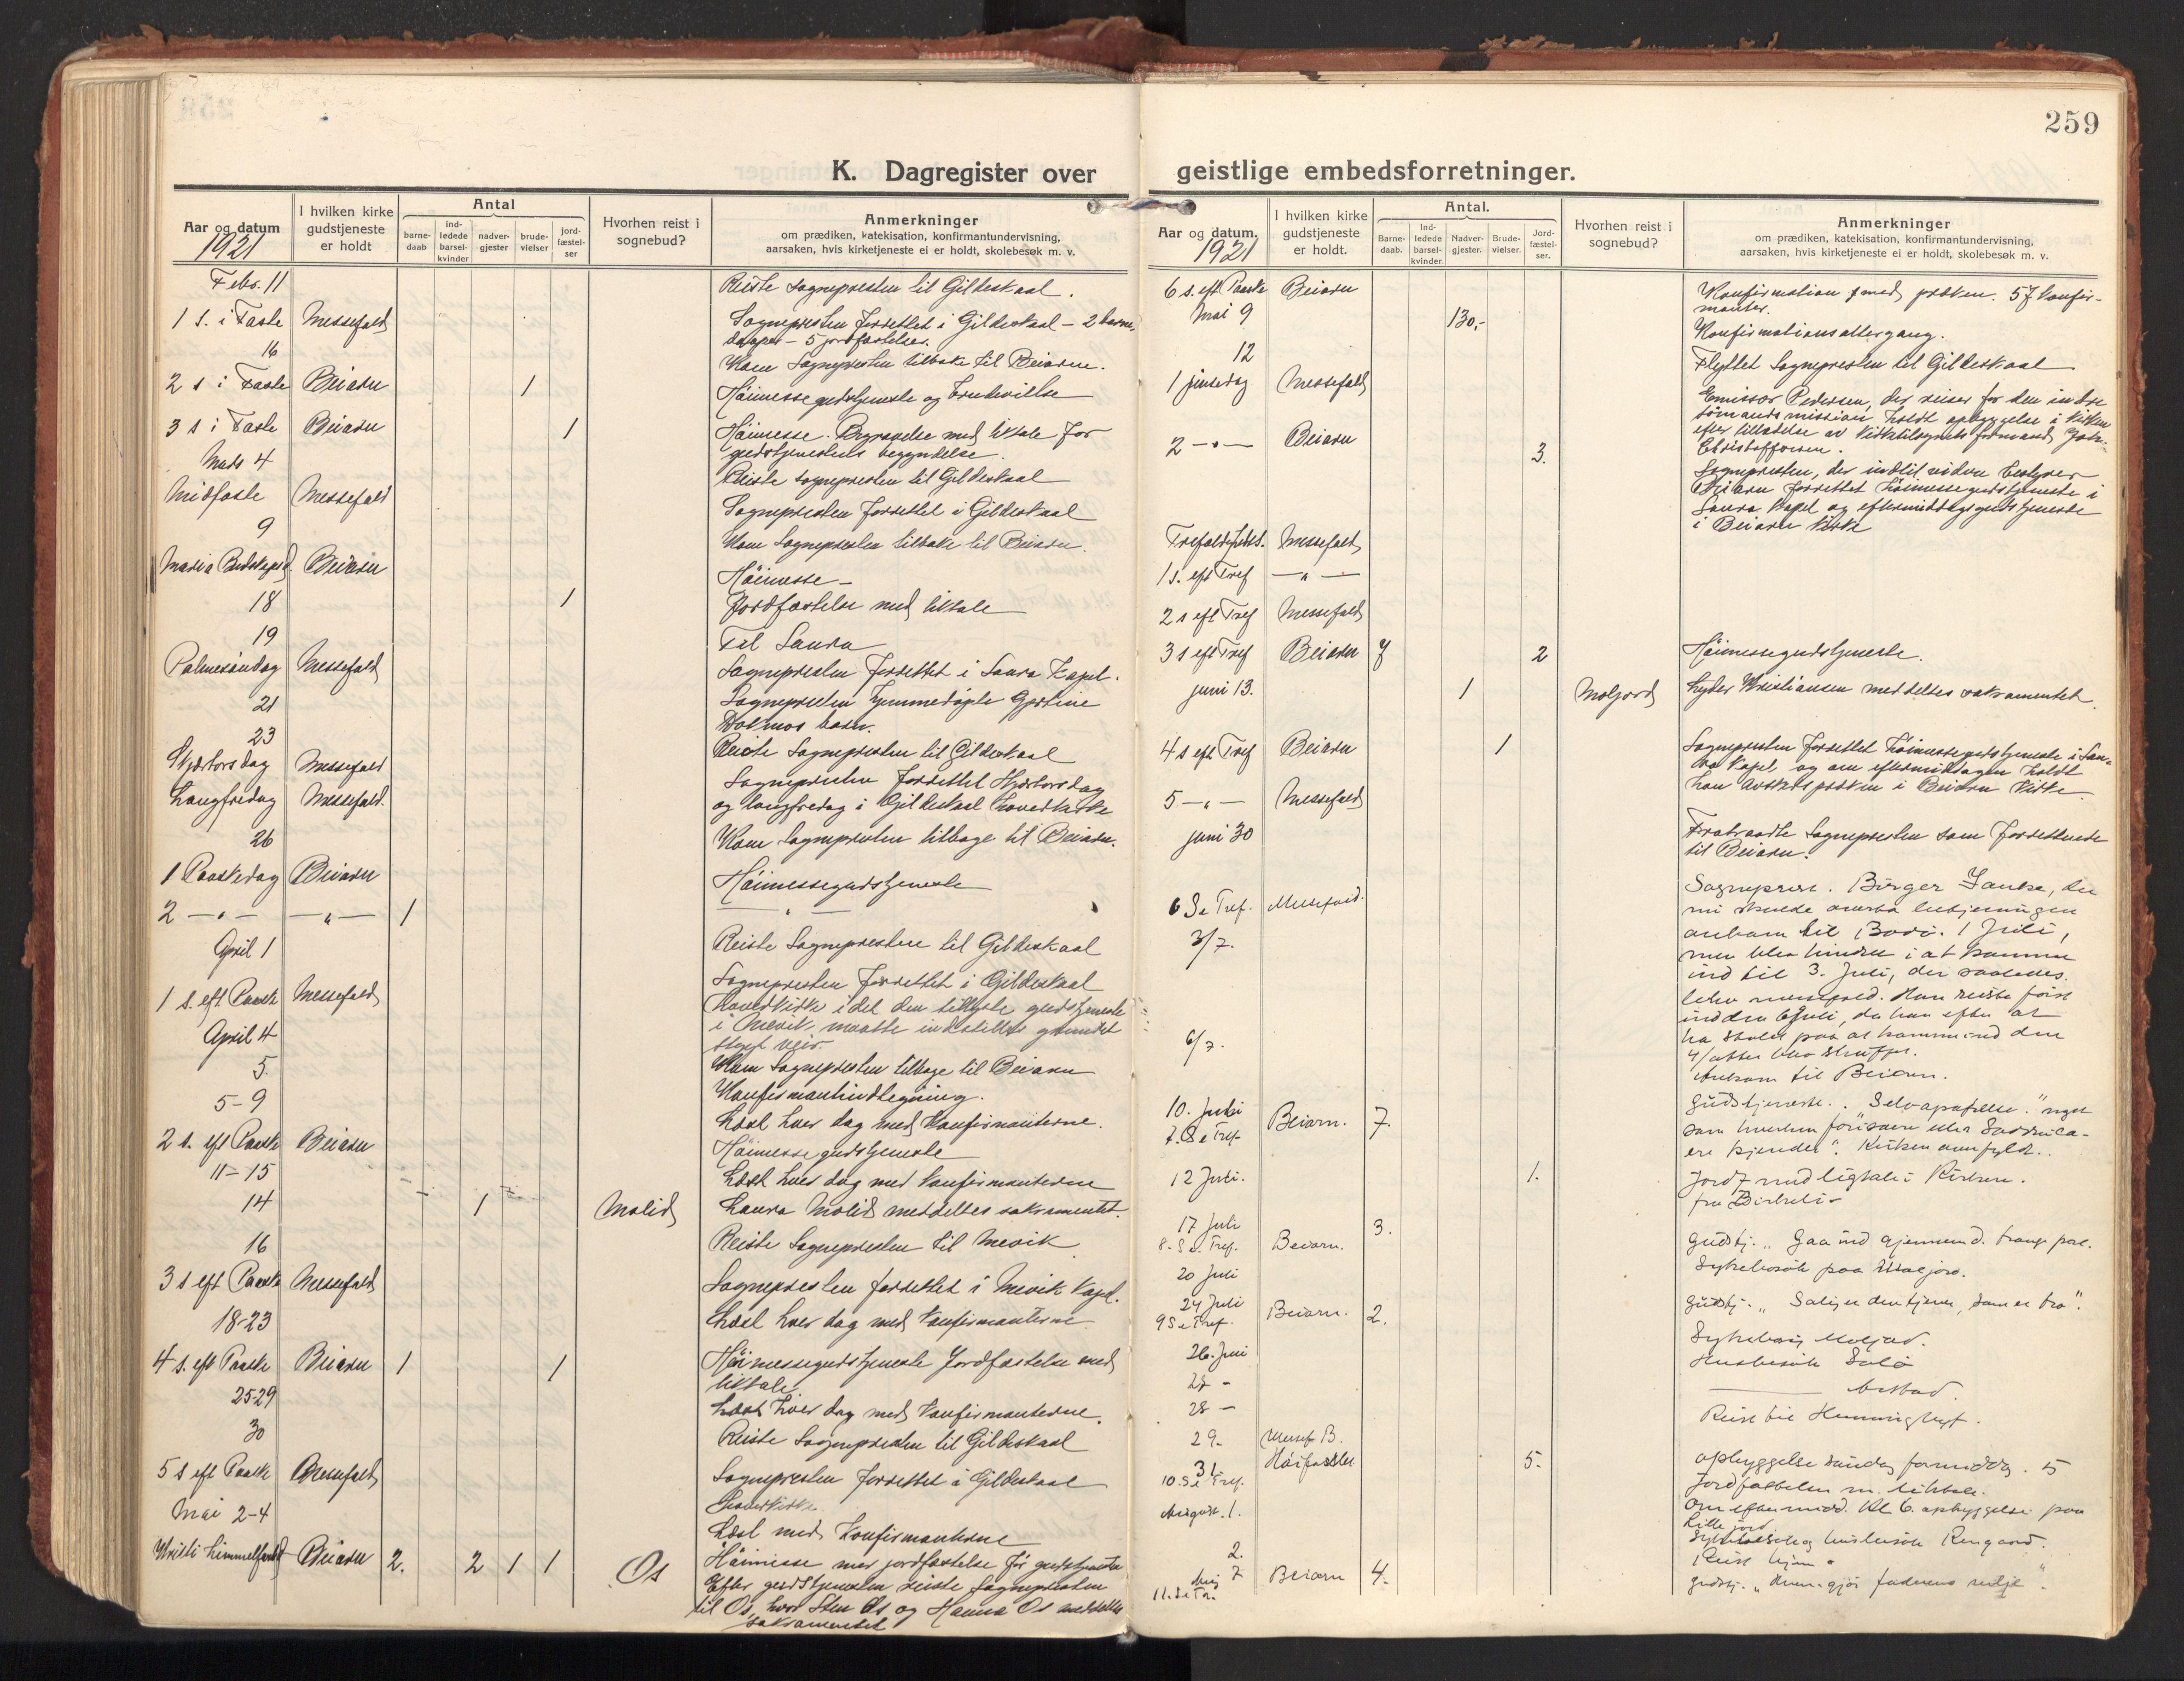 SAT, Ministerialprotokoller, klokkerbøker og fødselsregistre - Nordland, 846/L0650: Parish register (official) no. 846A08, 1916-1935, p. 259